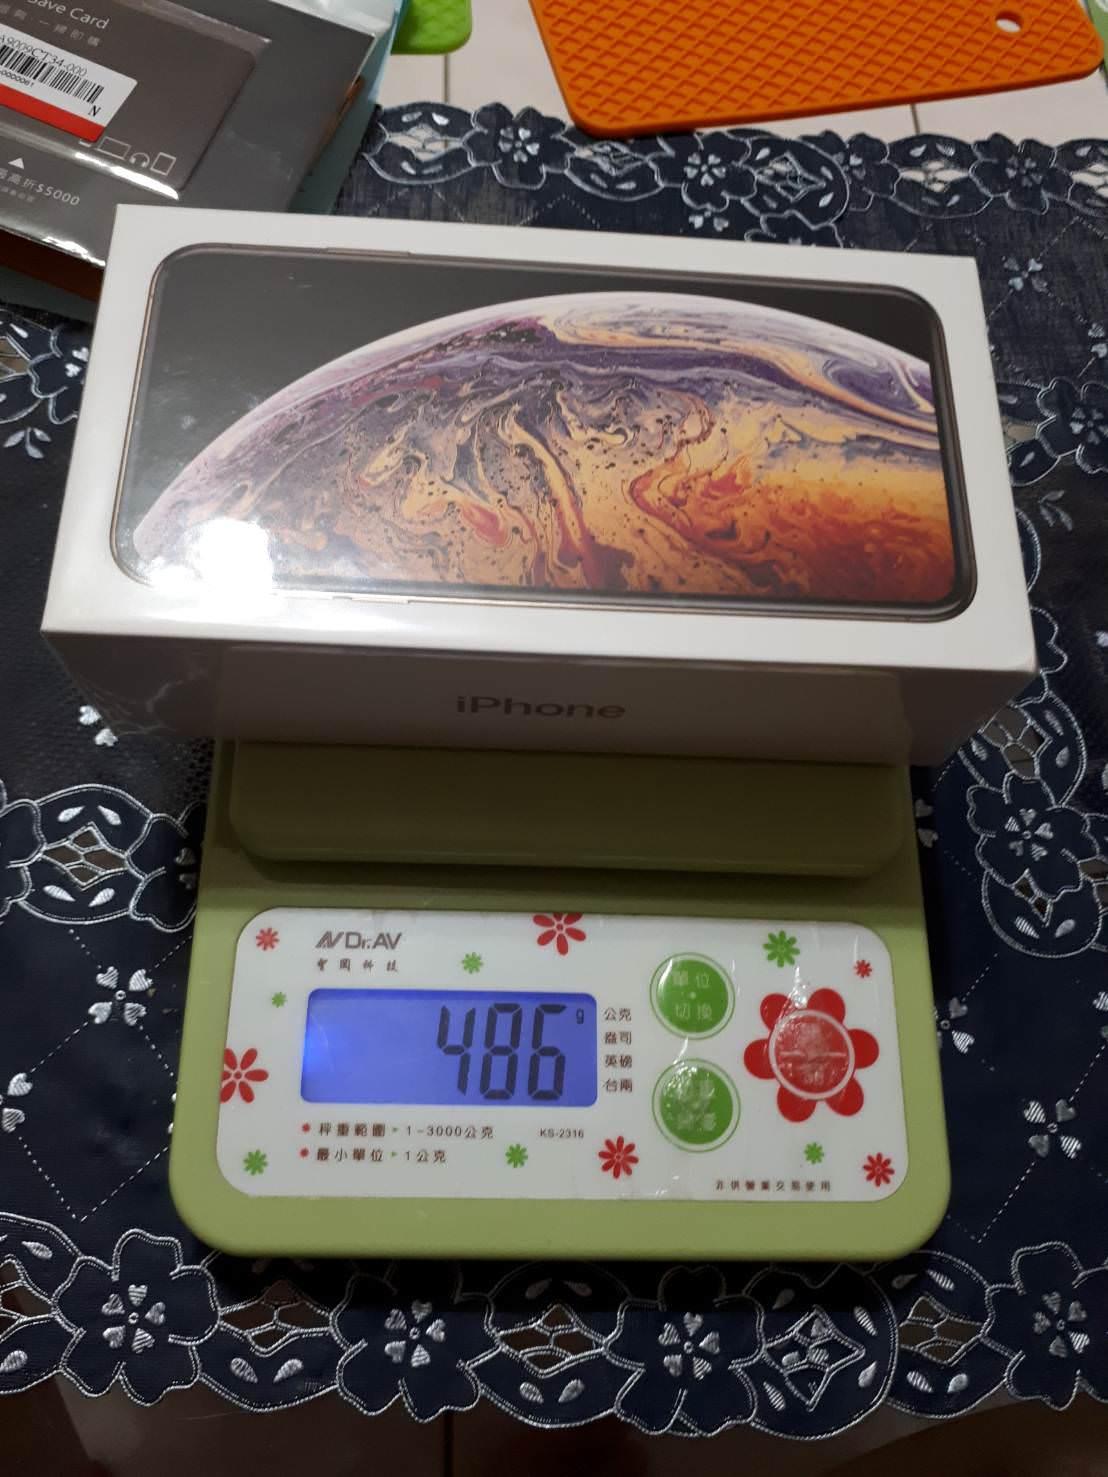 重量486g非常重